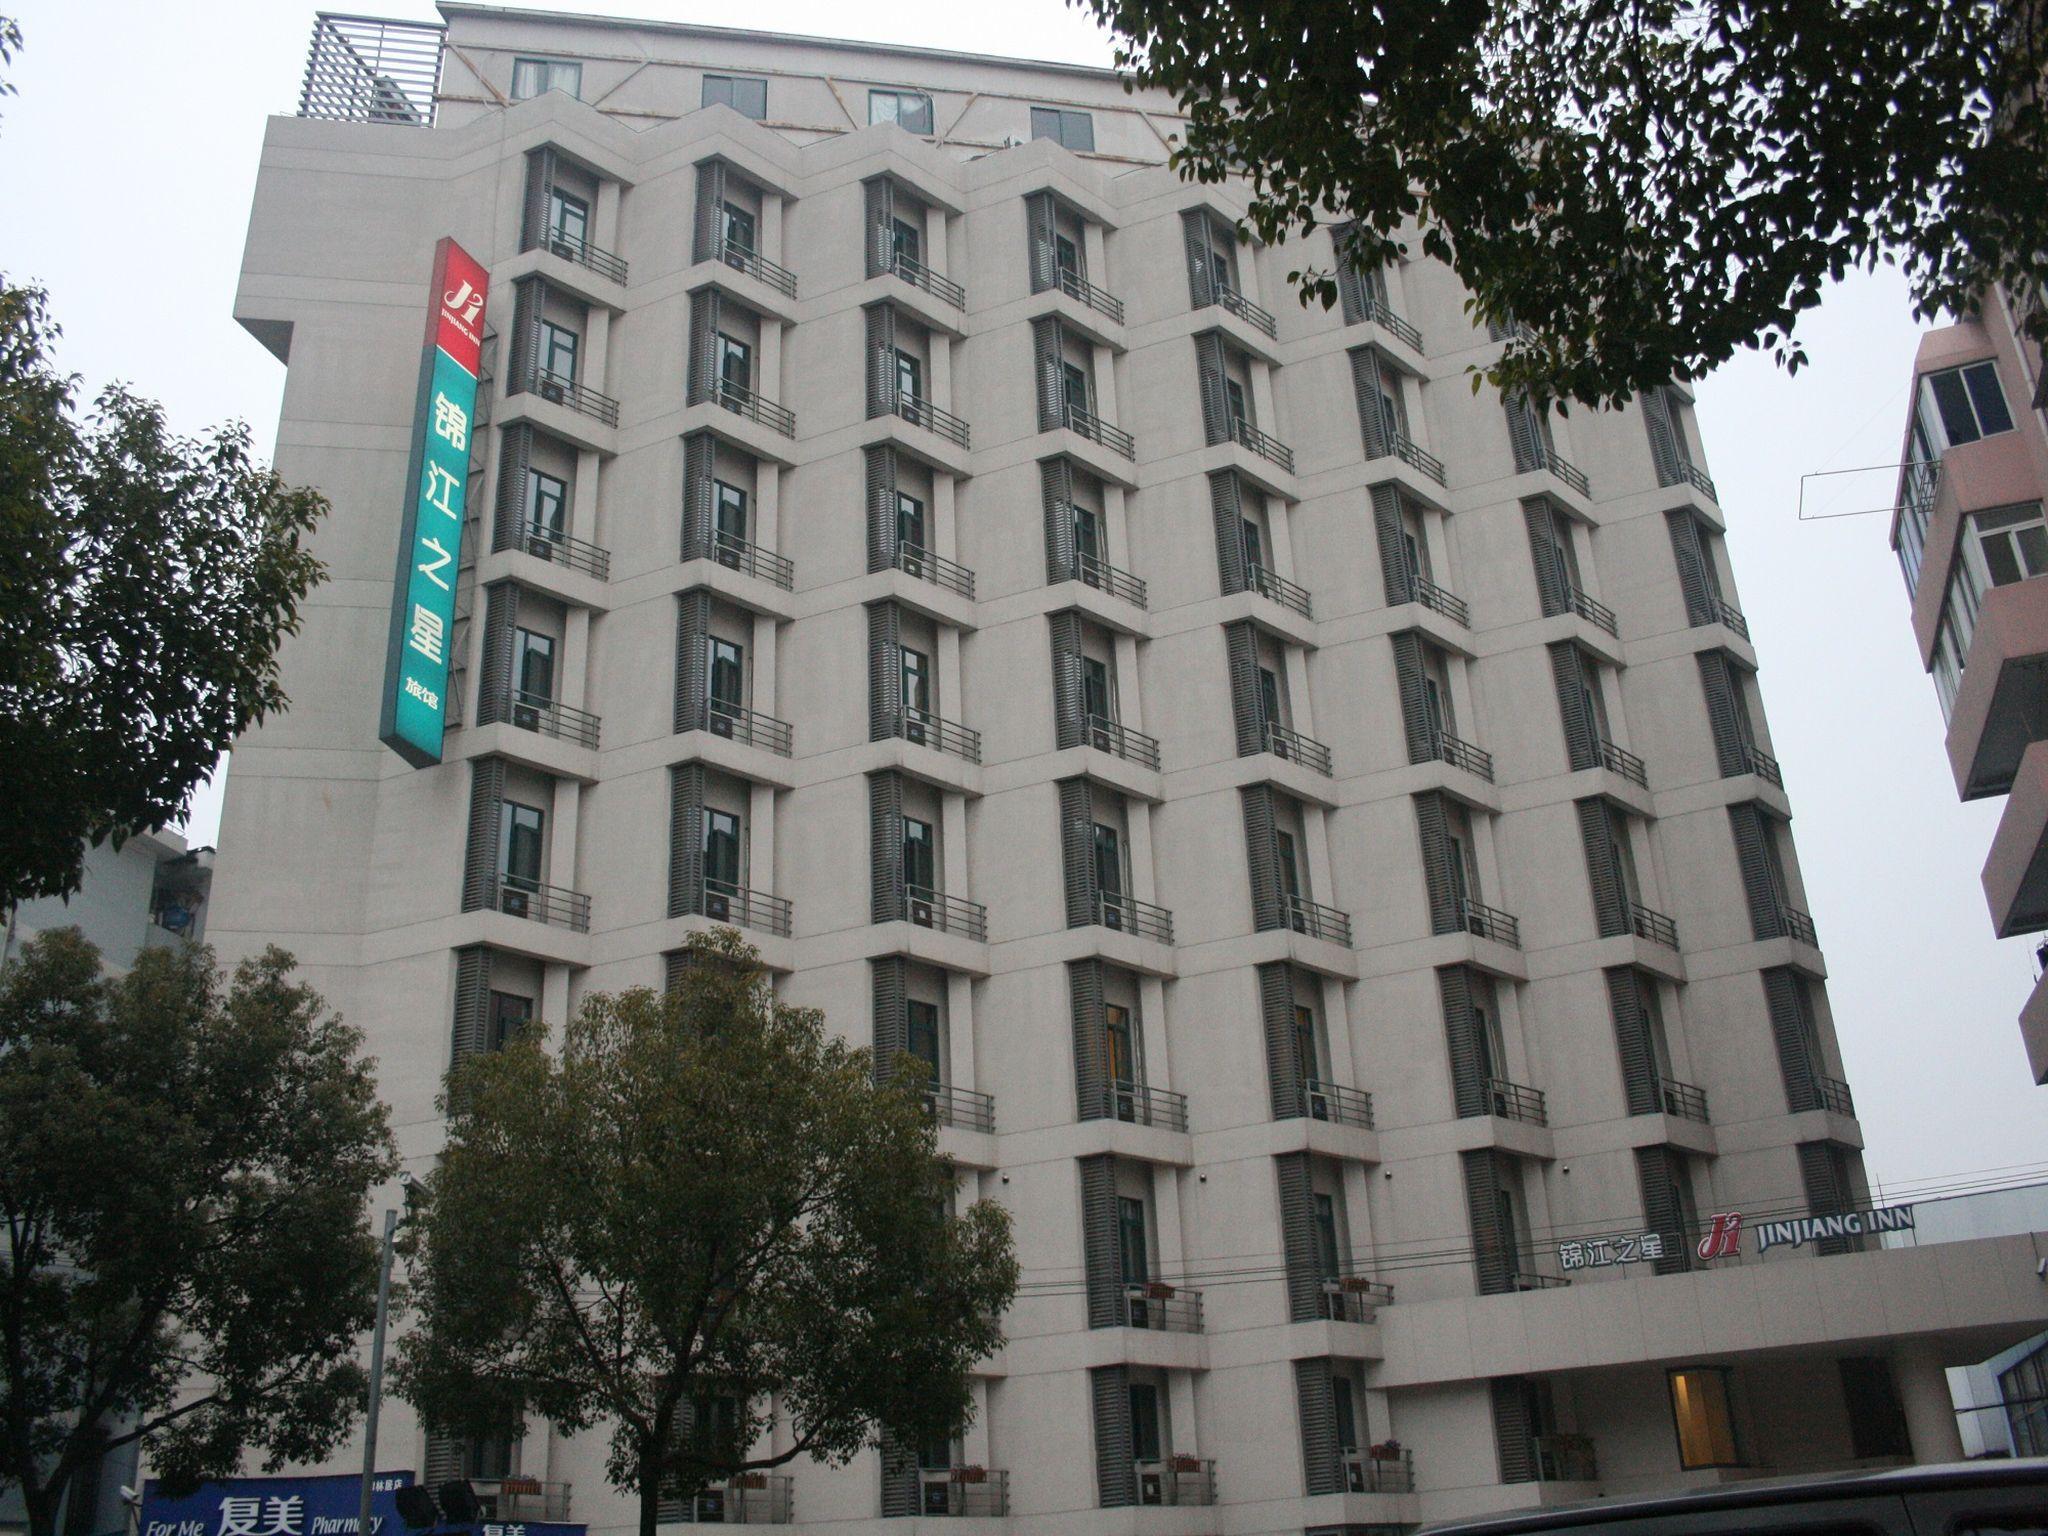 Jinjiang Inn East Shanghai New International Exhibition Center